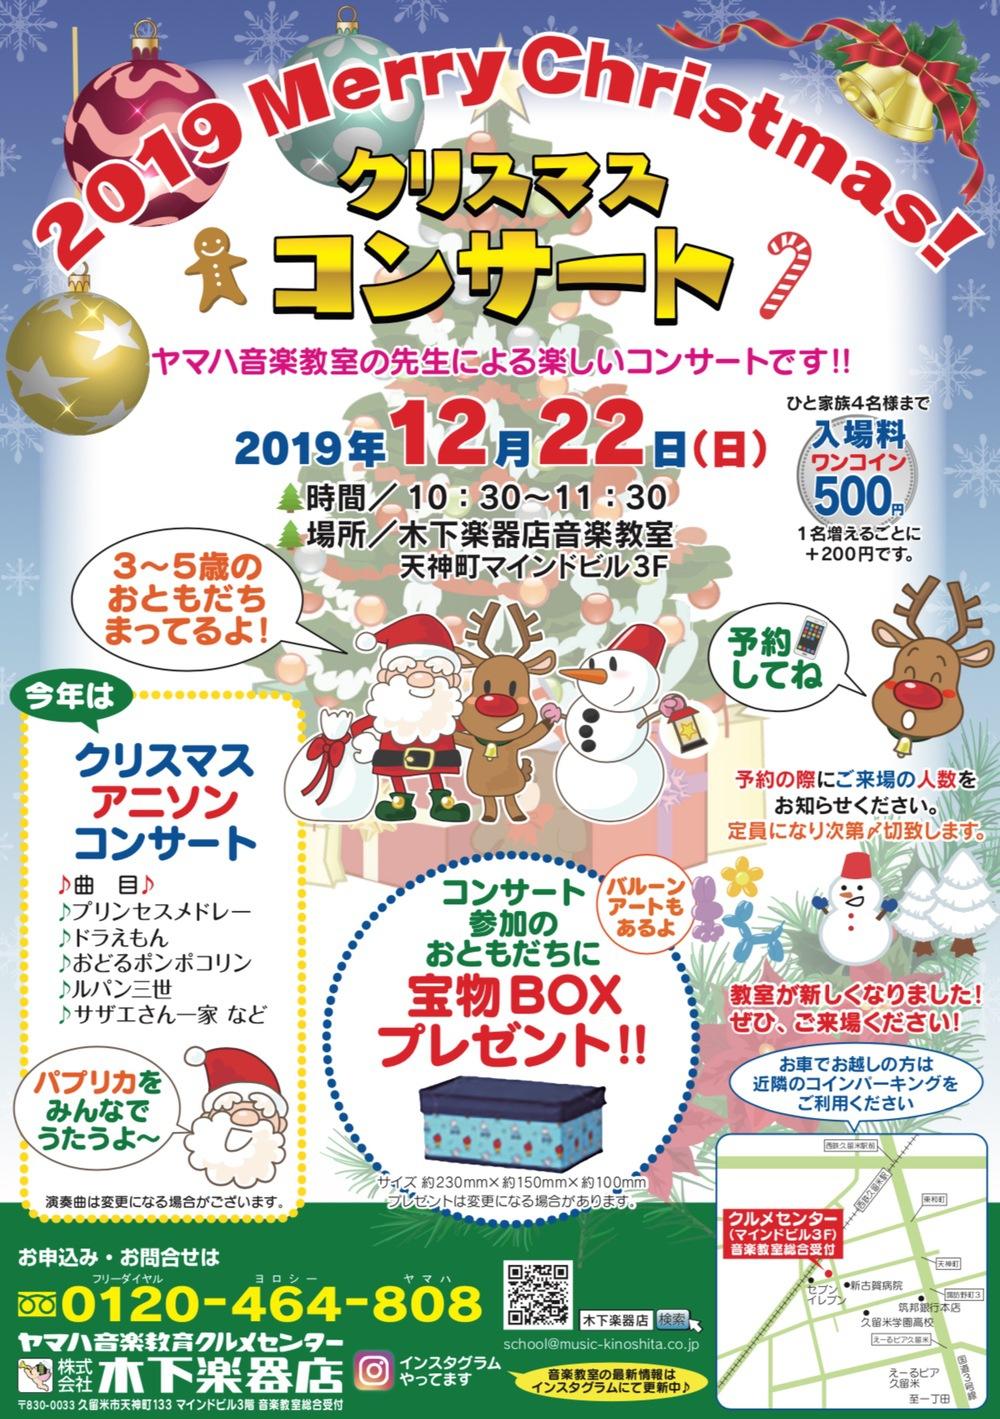 木下楽器店 クリスマスコンサート2019 参加の子どもに宝物BOXプレゼント!